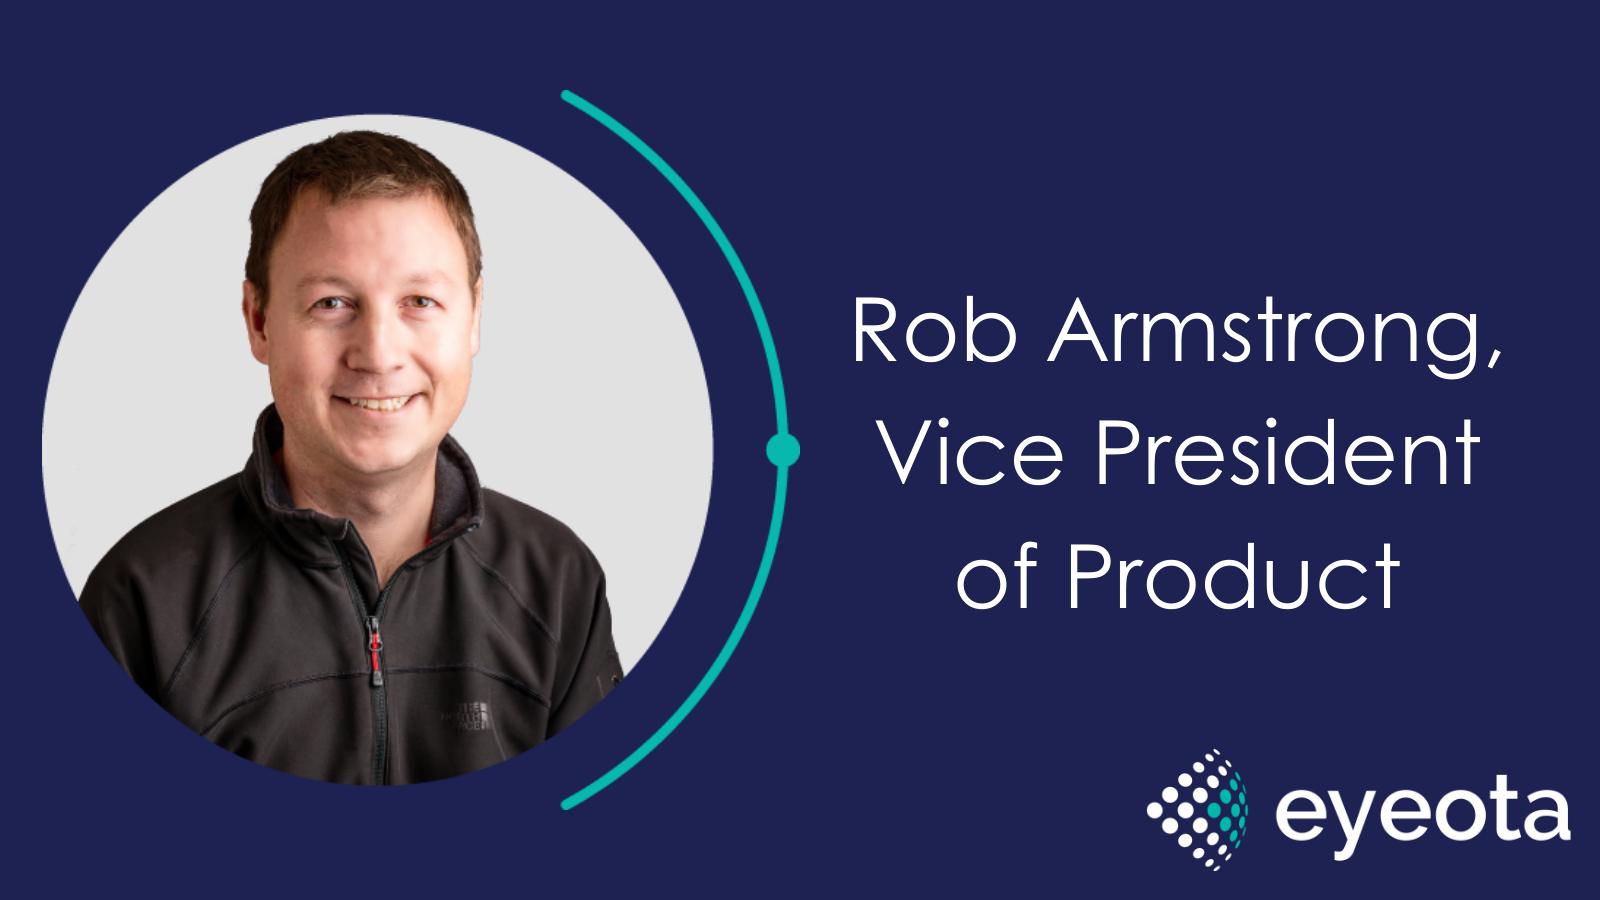 Rob Armstrong VP Product Eyeota